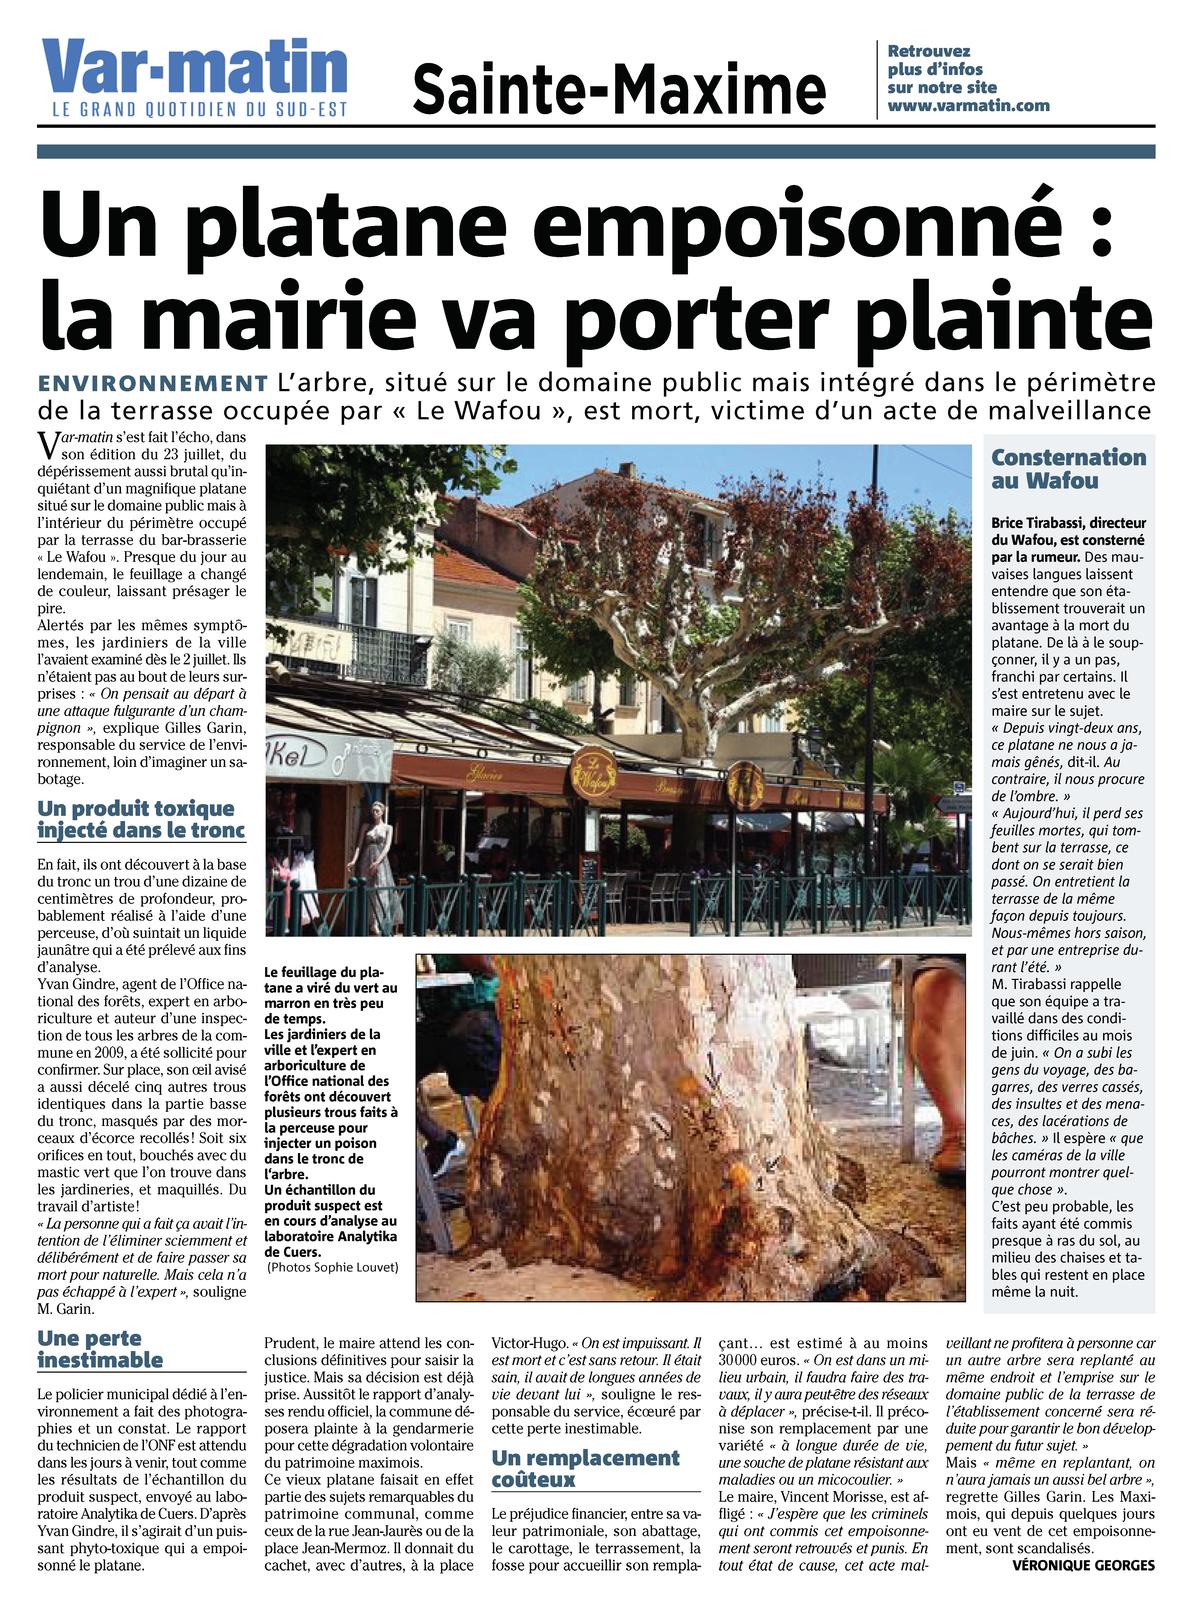 """31.07.2010 > VAR MATIN : """"Un platane empoisonné : la mairie de Sainte-Maxime va porter plainte"""""""